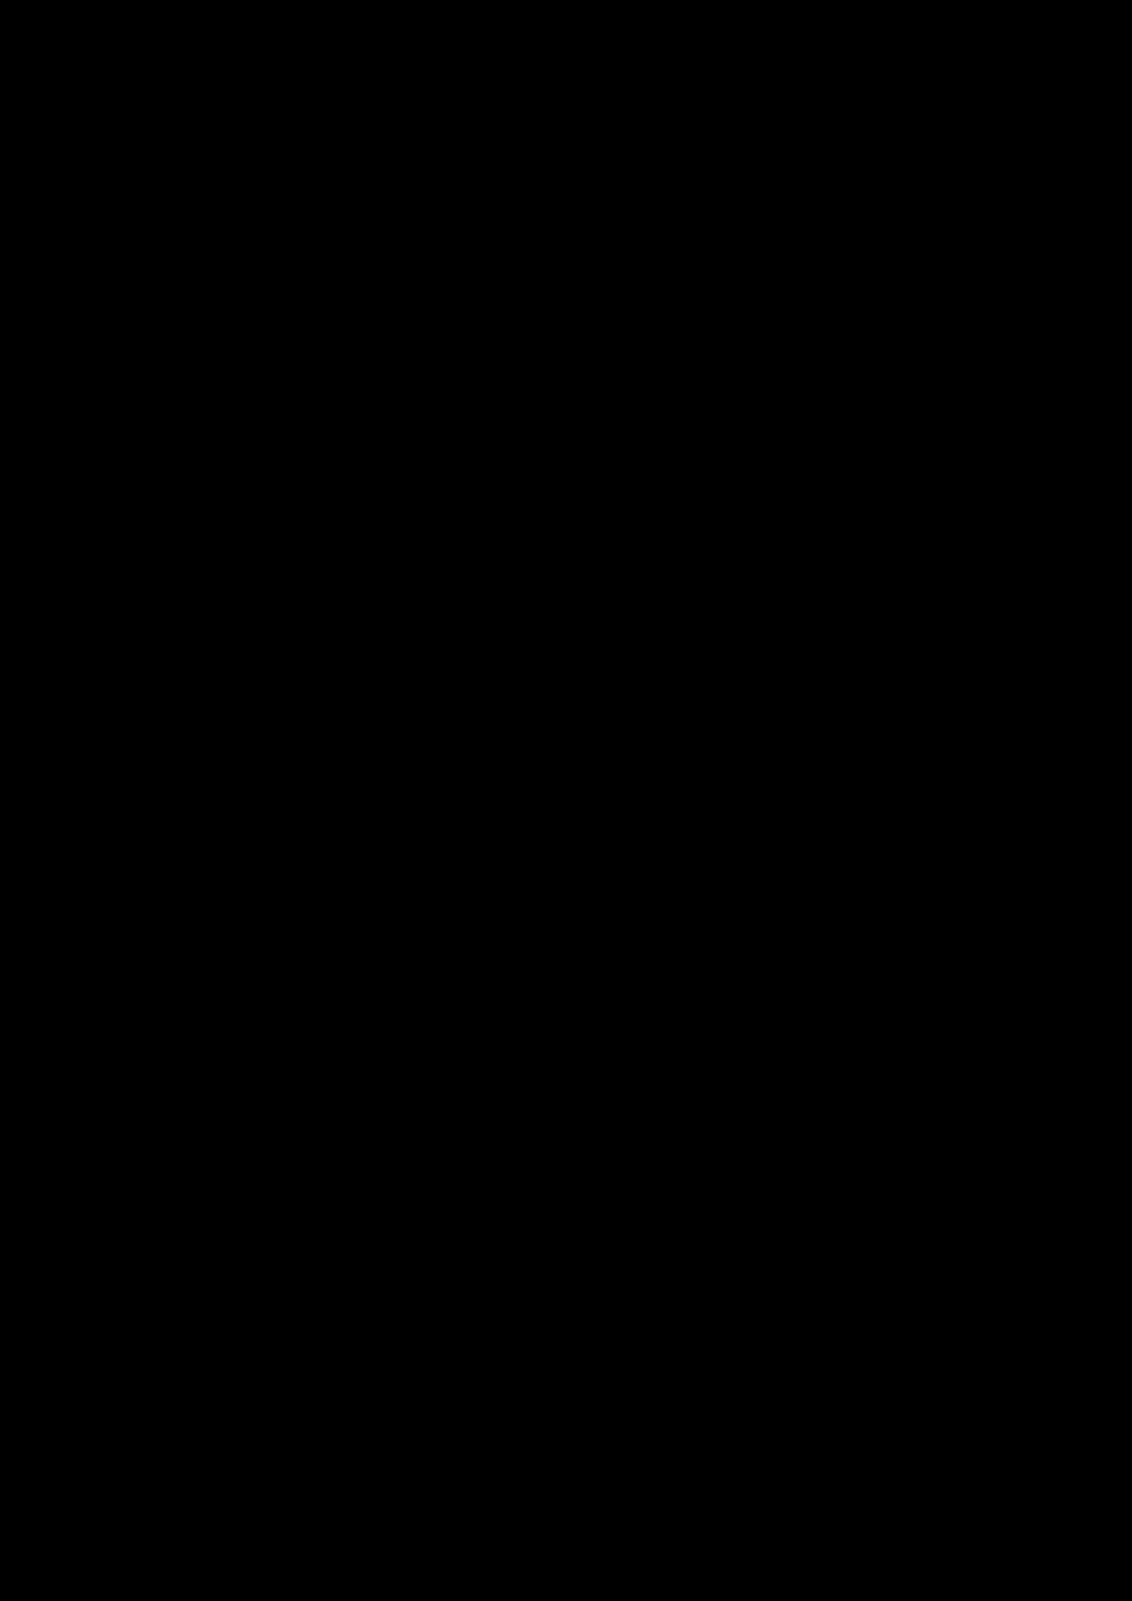 Toccata A-moll slide, Image 2